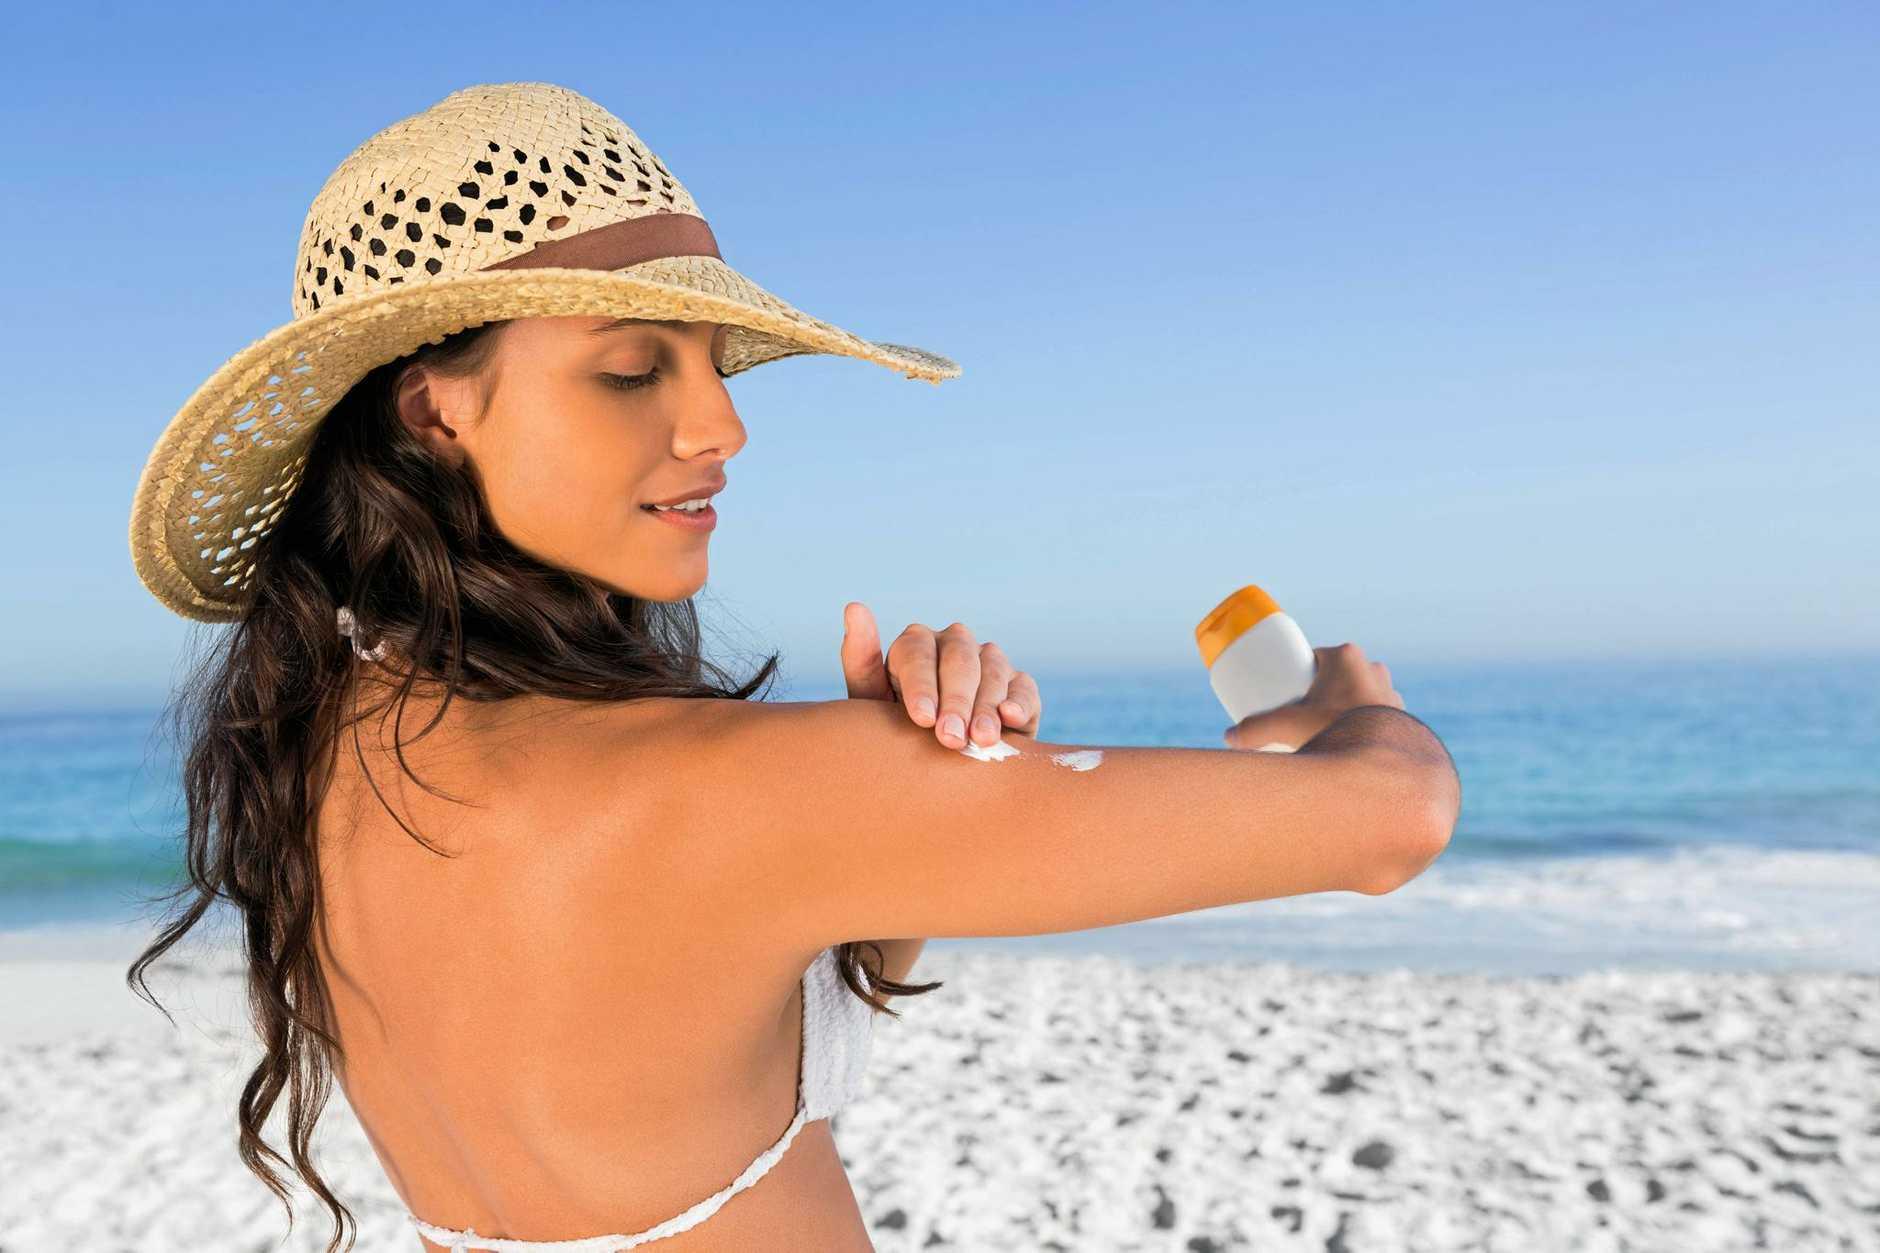 Stay sun smart, use sunscreen.